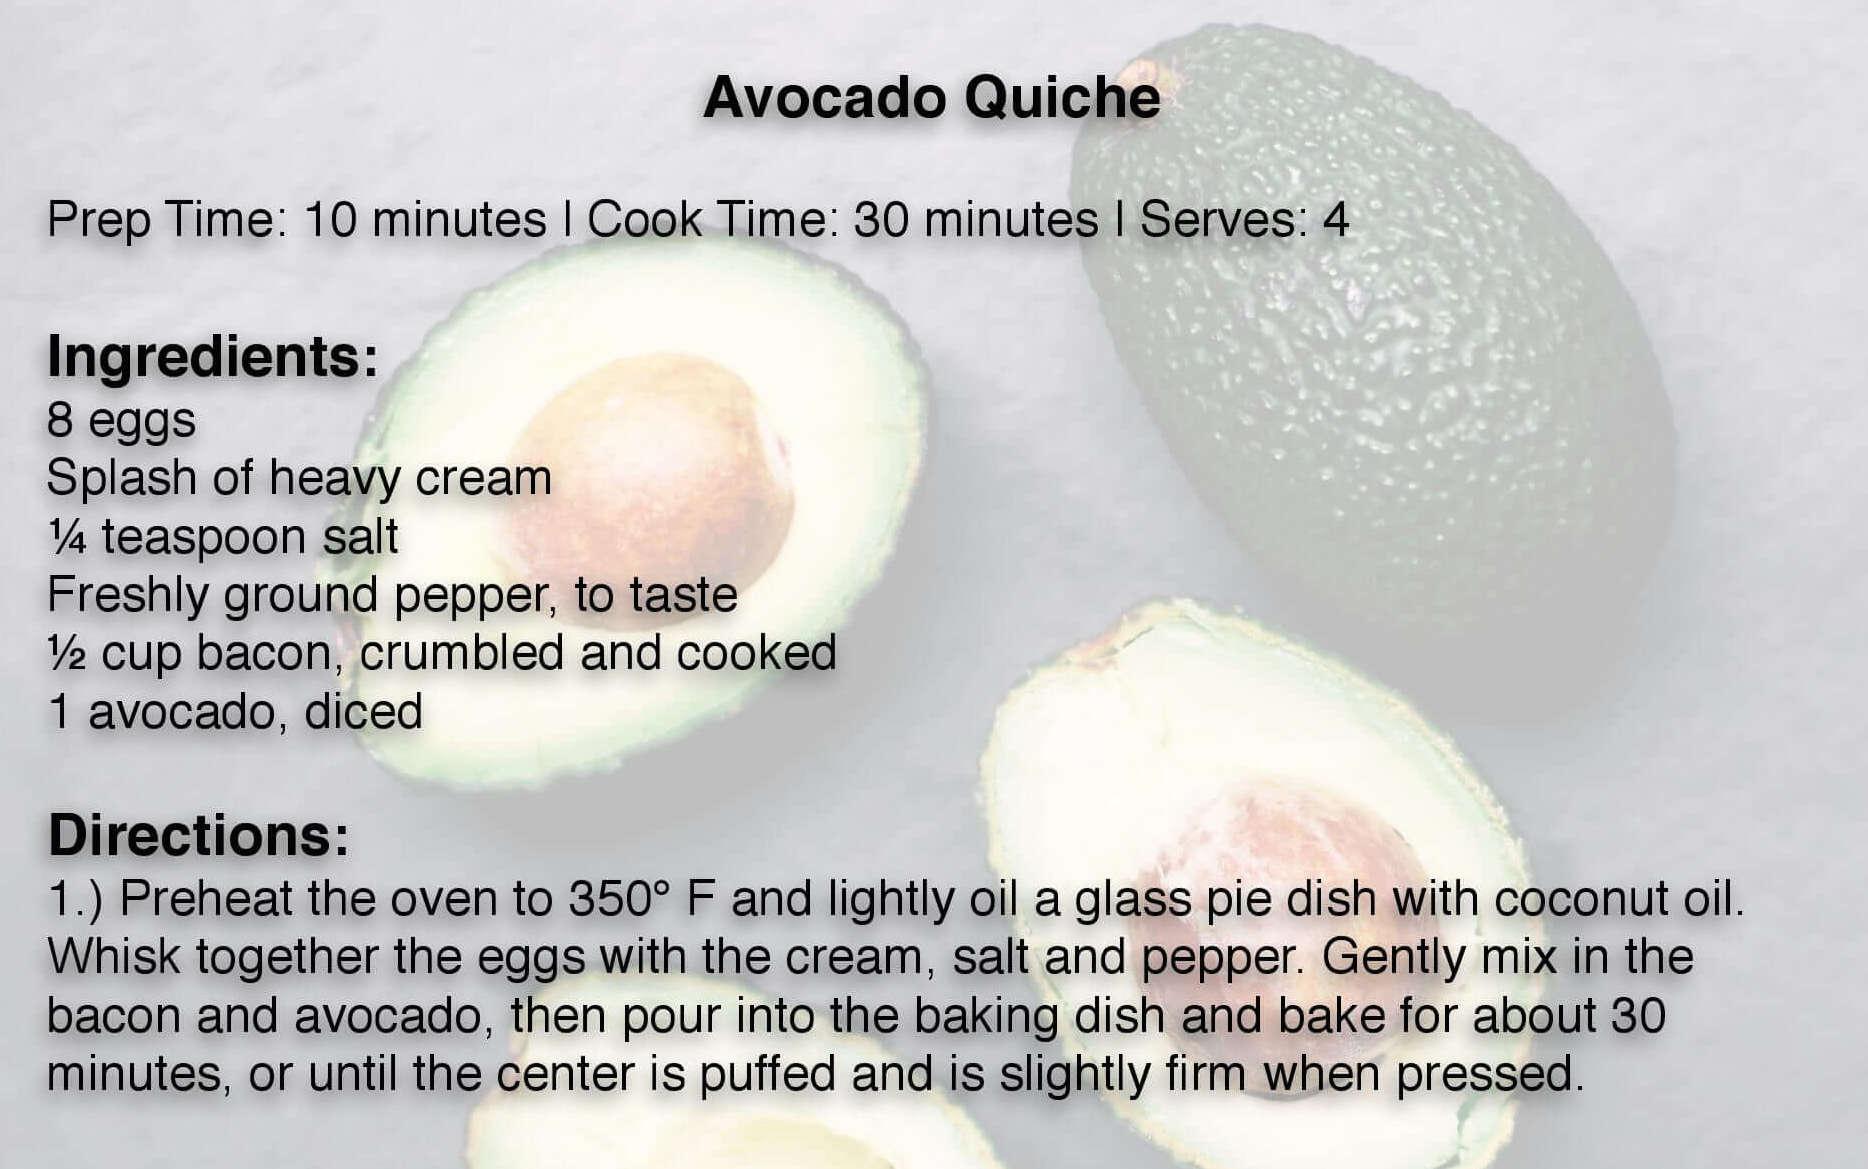 Avocado quiche compressed